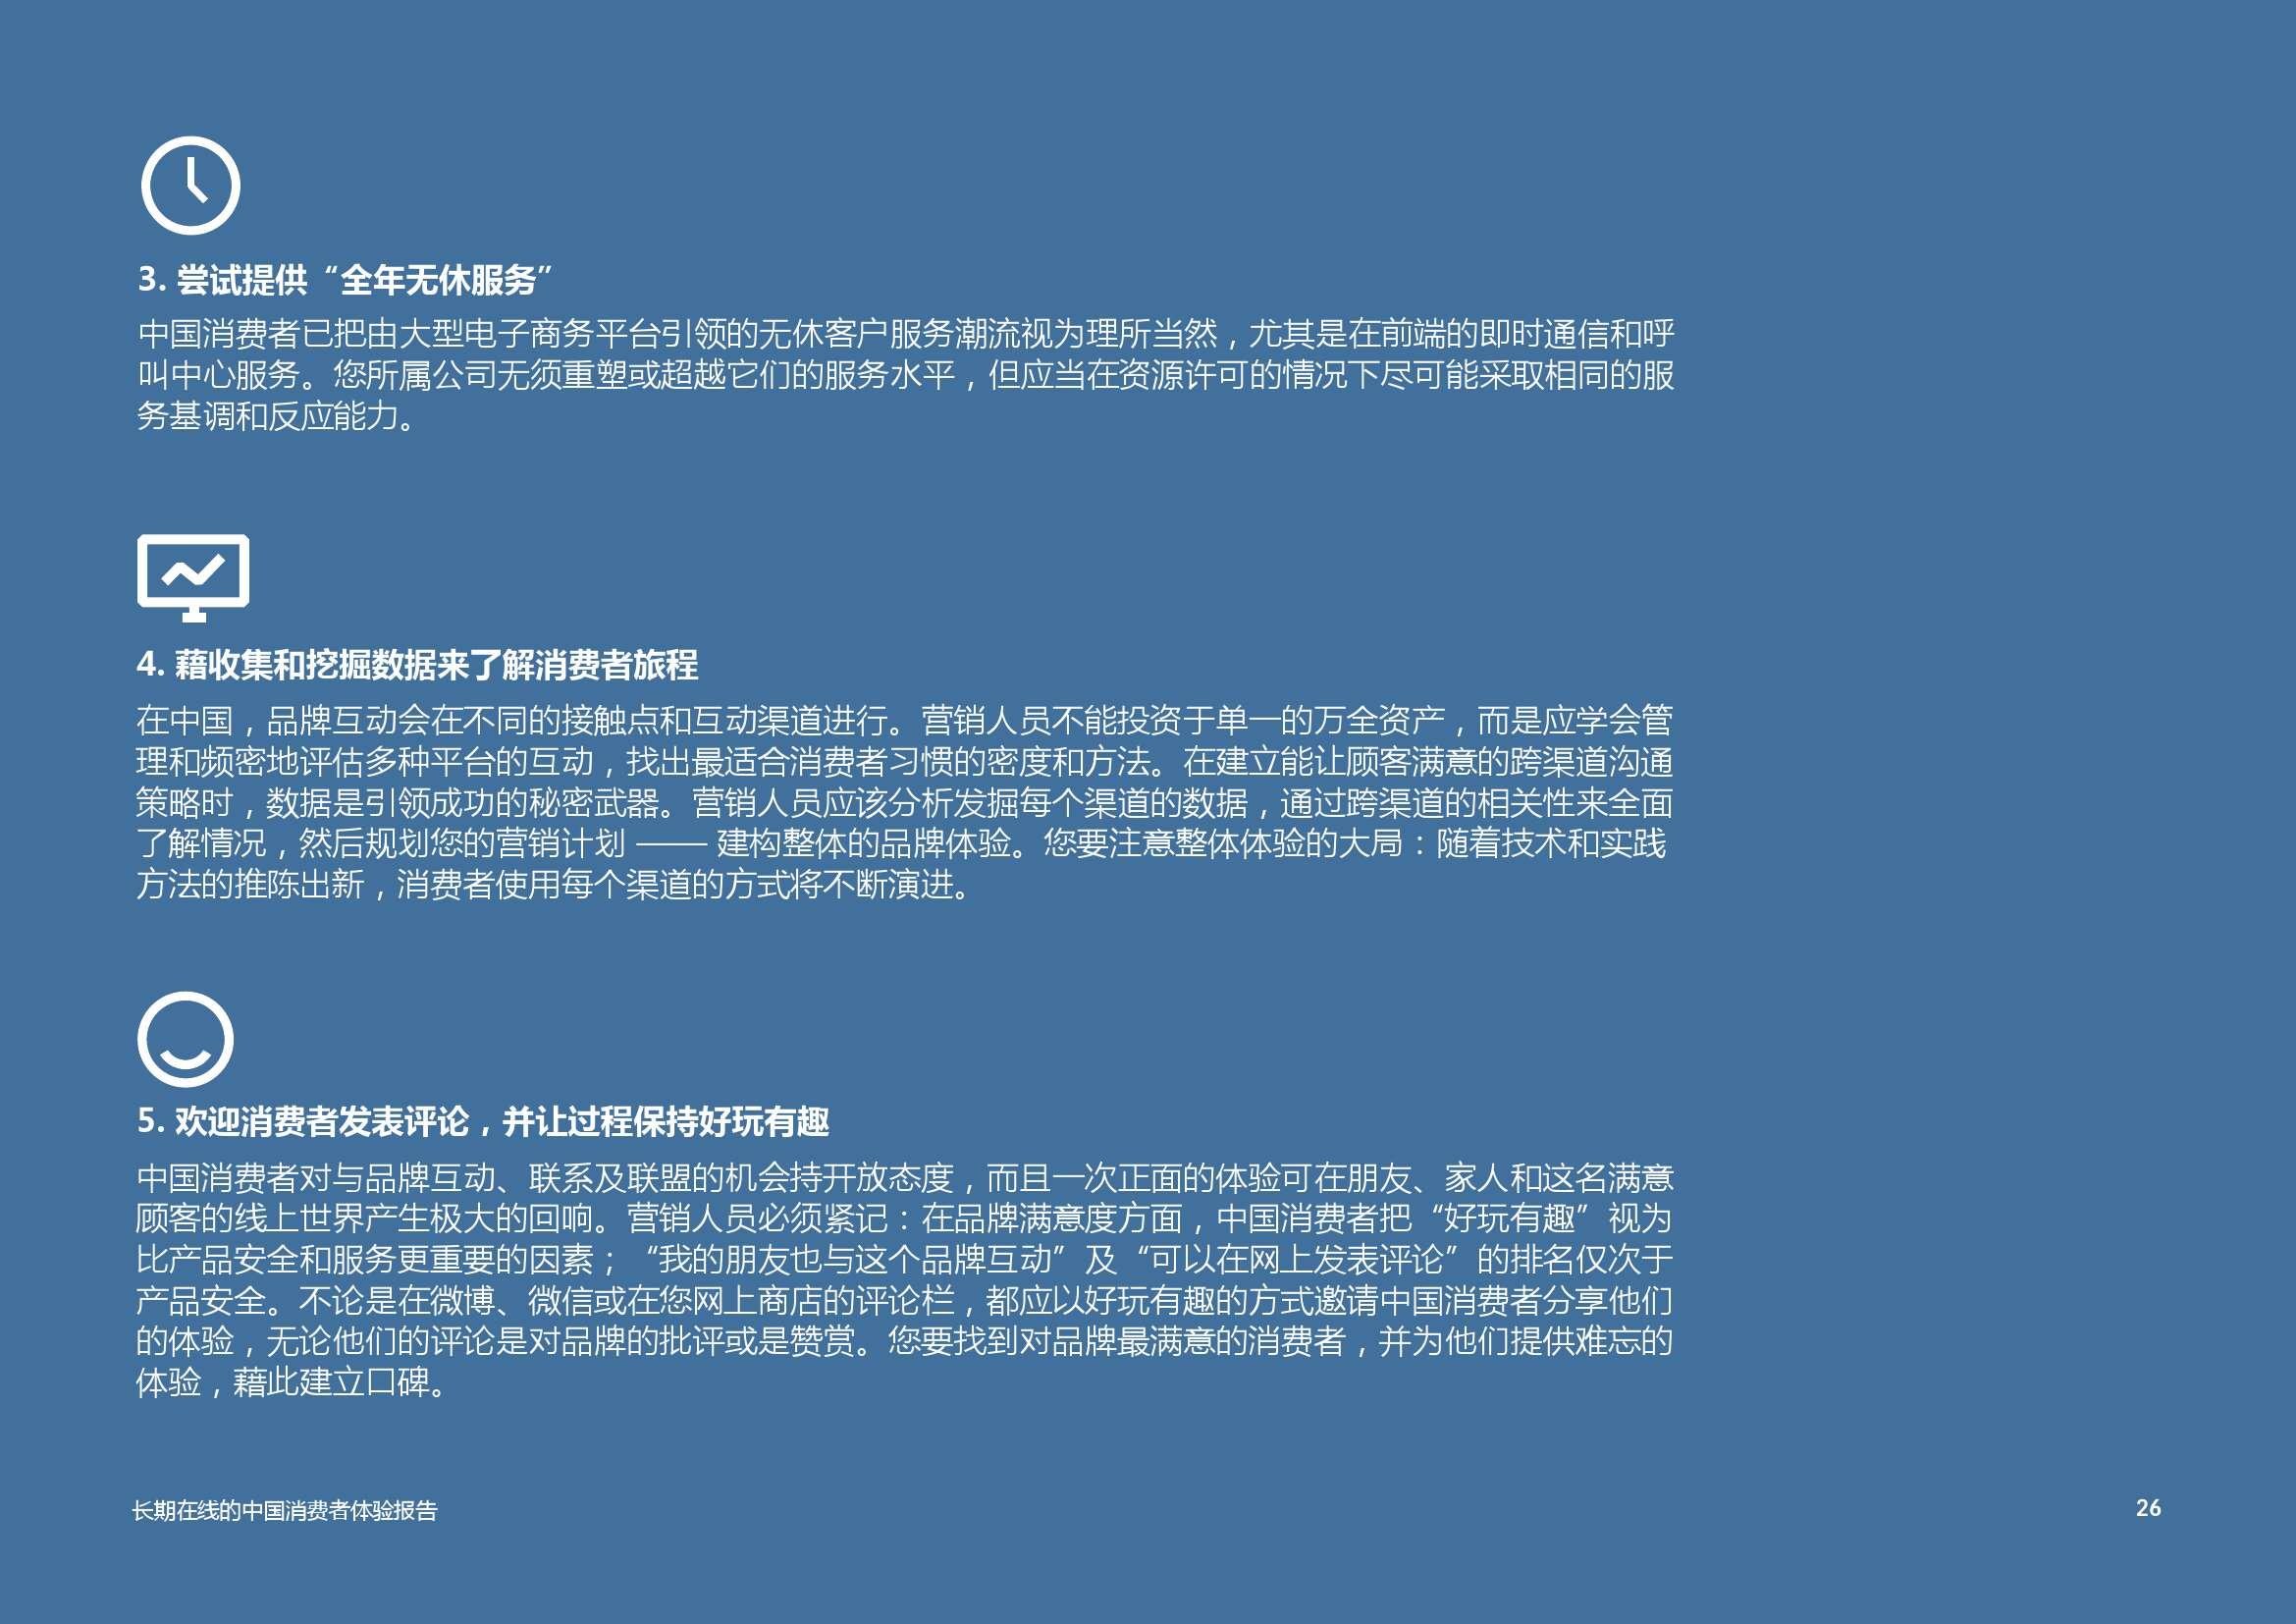 艾司隆 (Epsilon):2015中国消费者品牌体验报告_000026